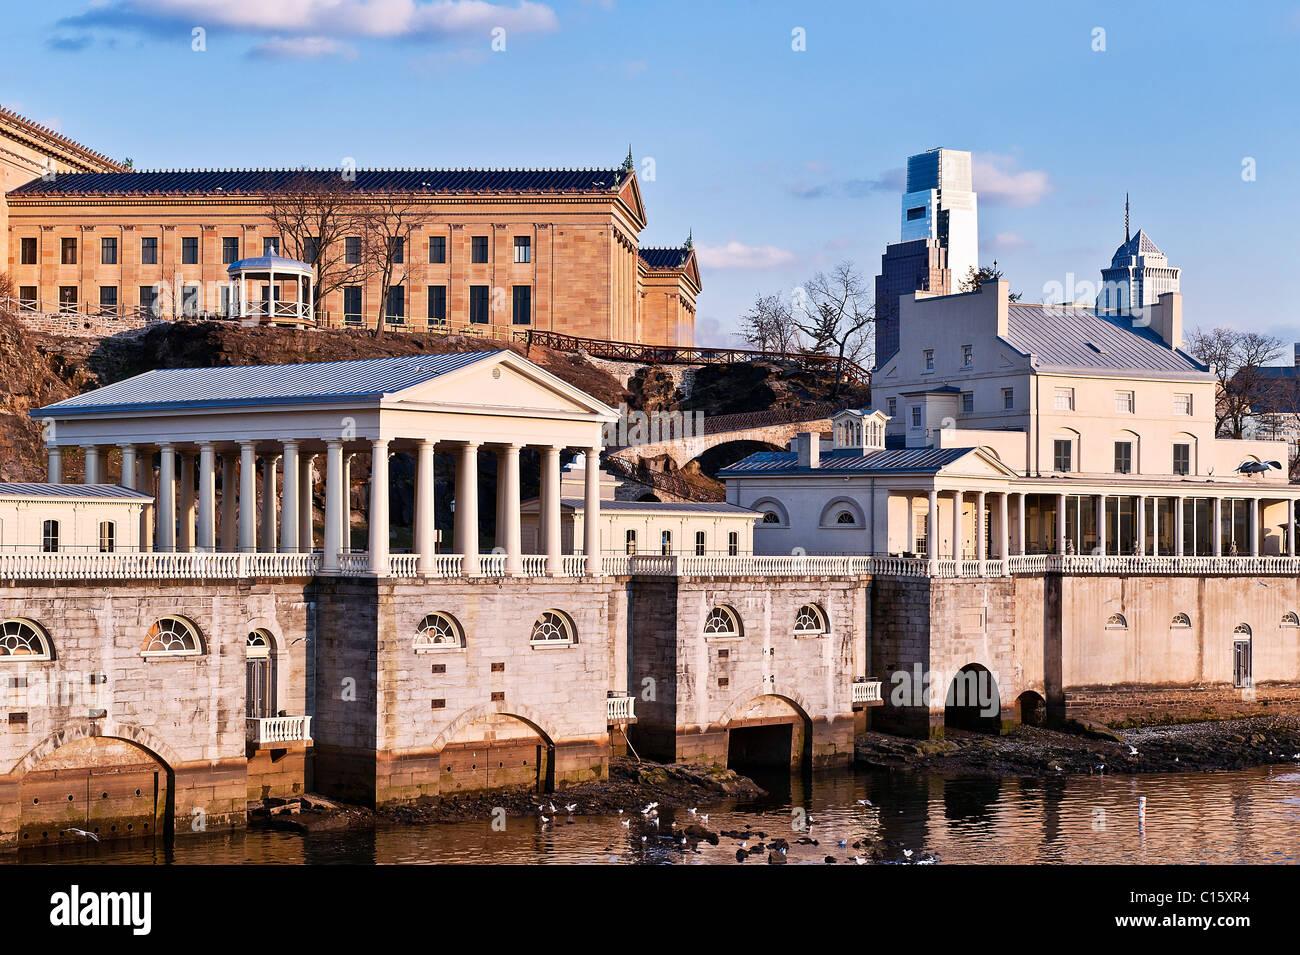 El fairmount obras de agua potable y el museo de arte de Filadelfia, PA, Pennsylvania, EE.UU. Imagen De Stock